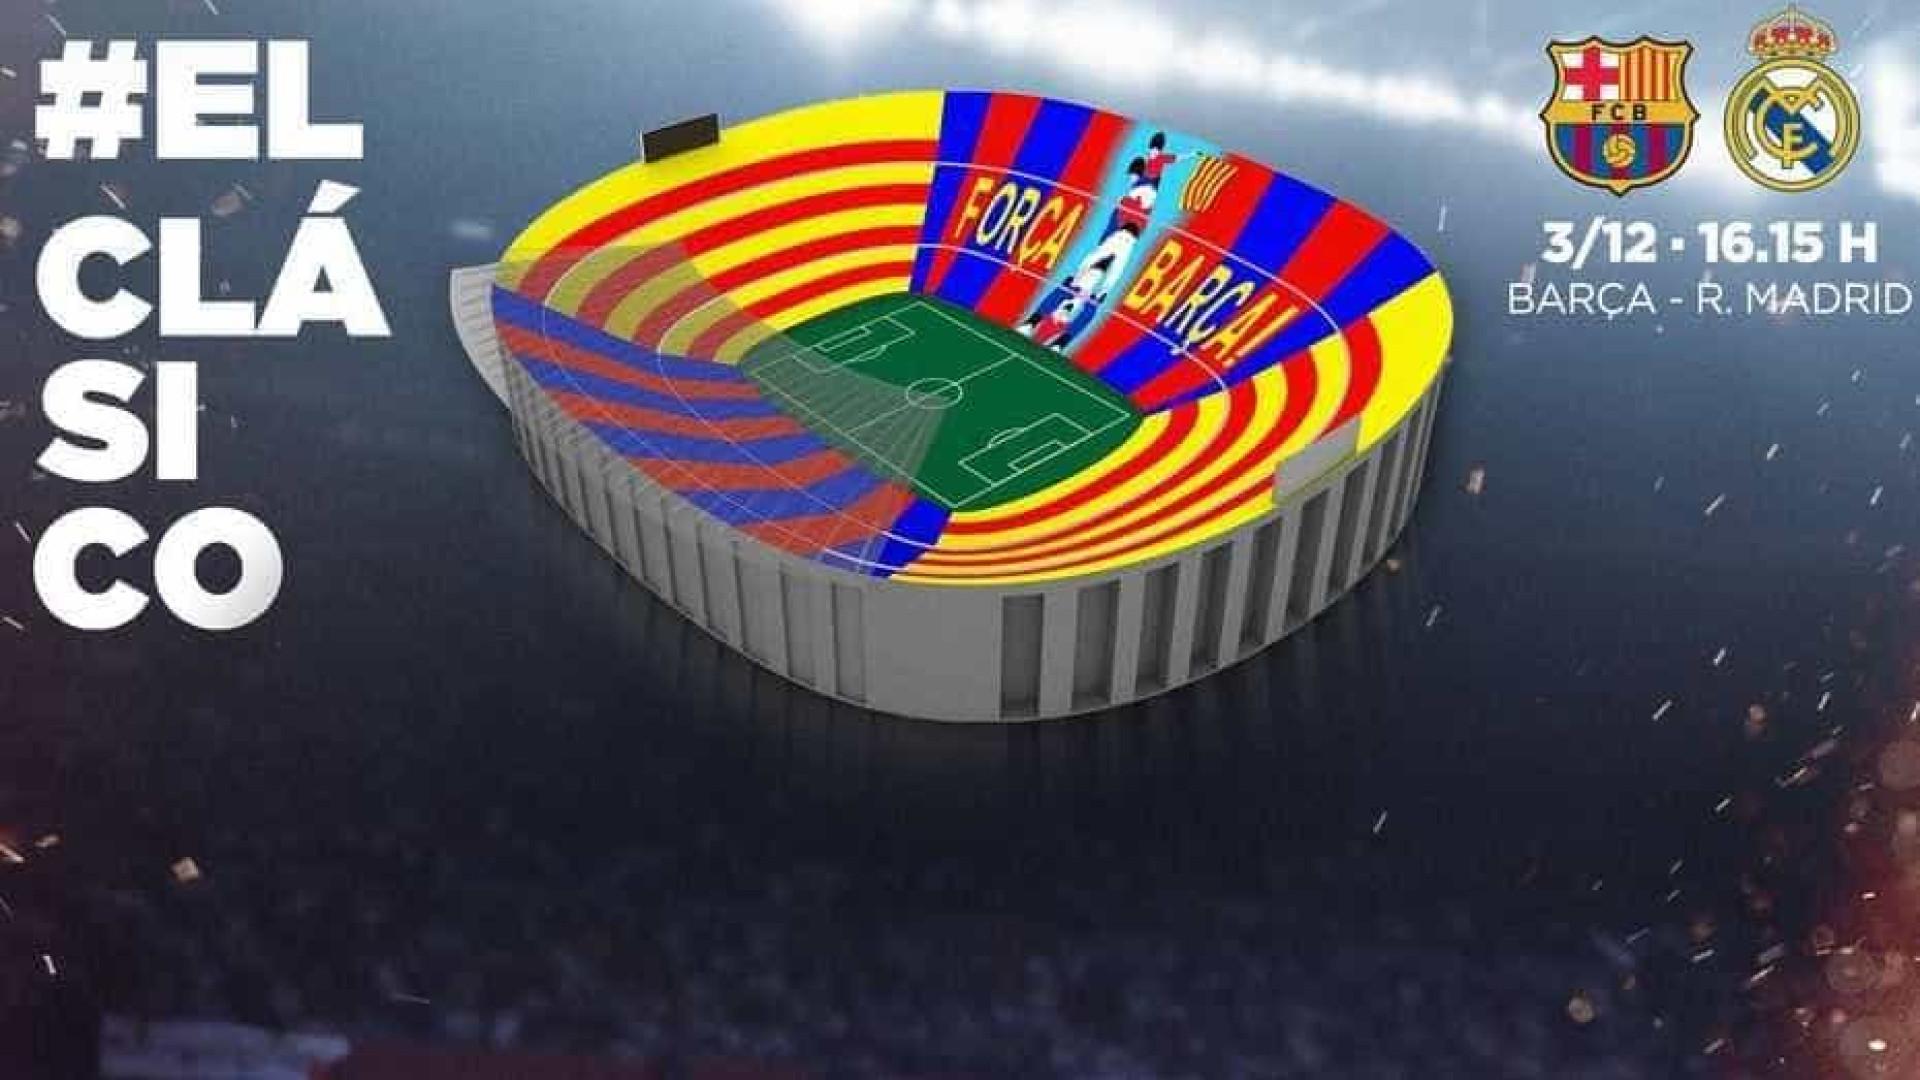 Mosaico do Barça para clássico contra Real terá 'torre humana'; veja